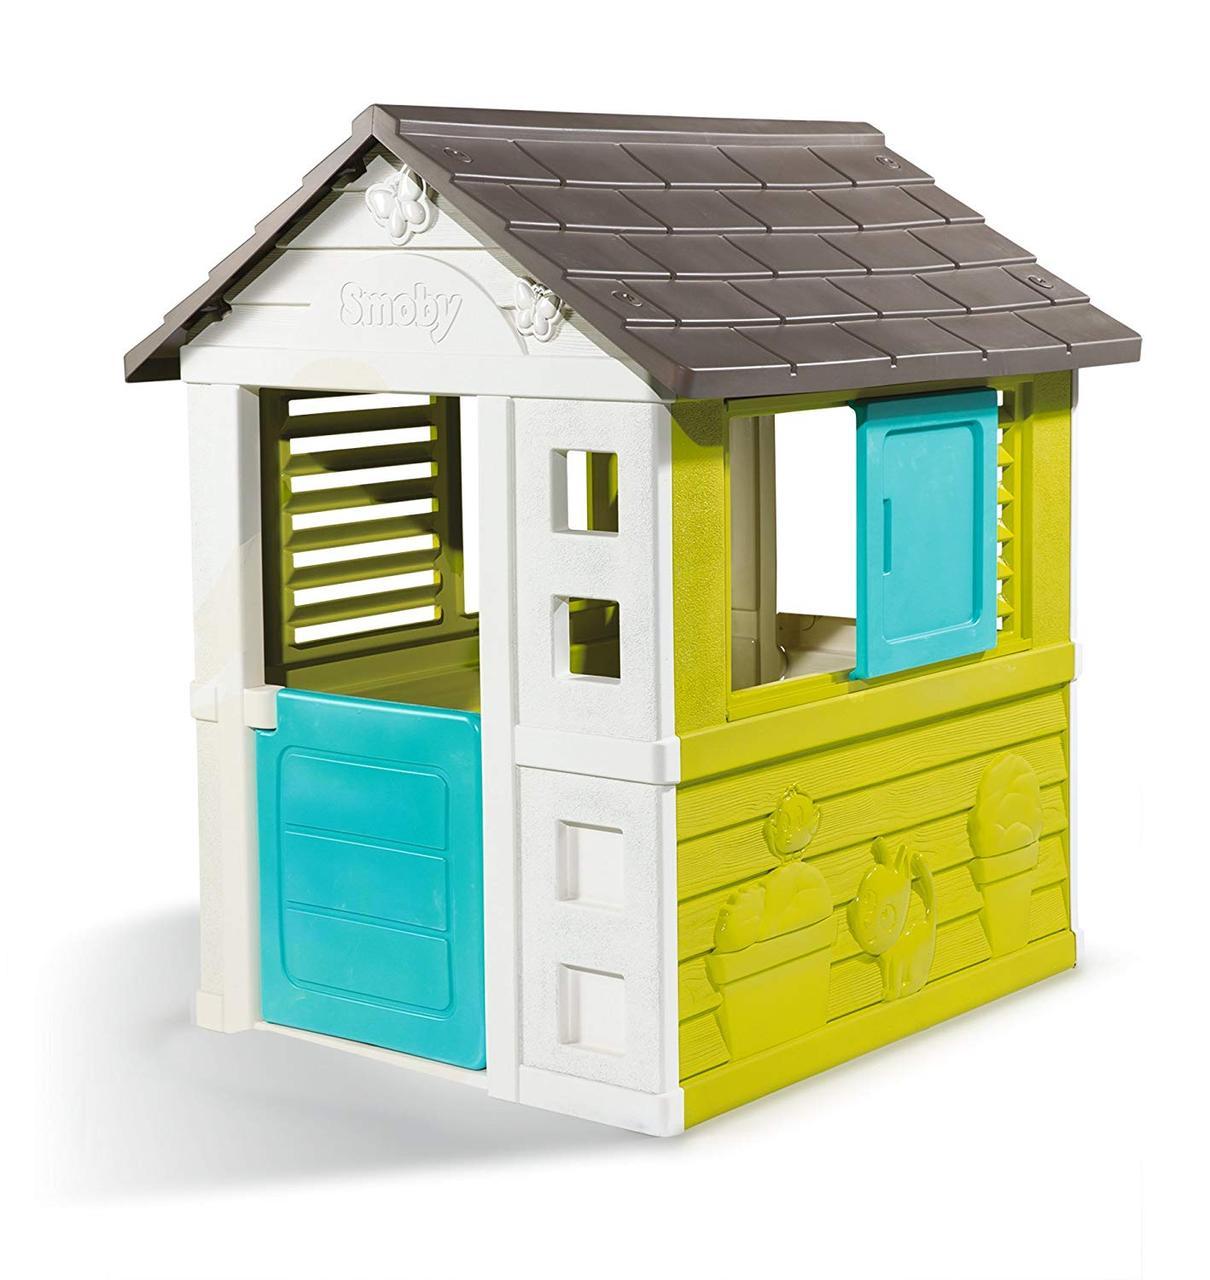 Smoby Игровой домик, BG, 98*111*127см